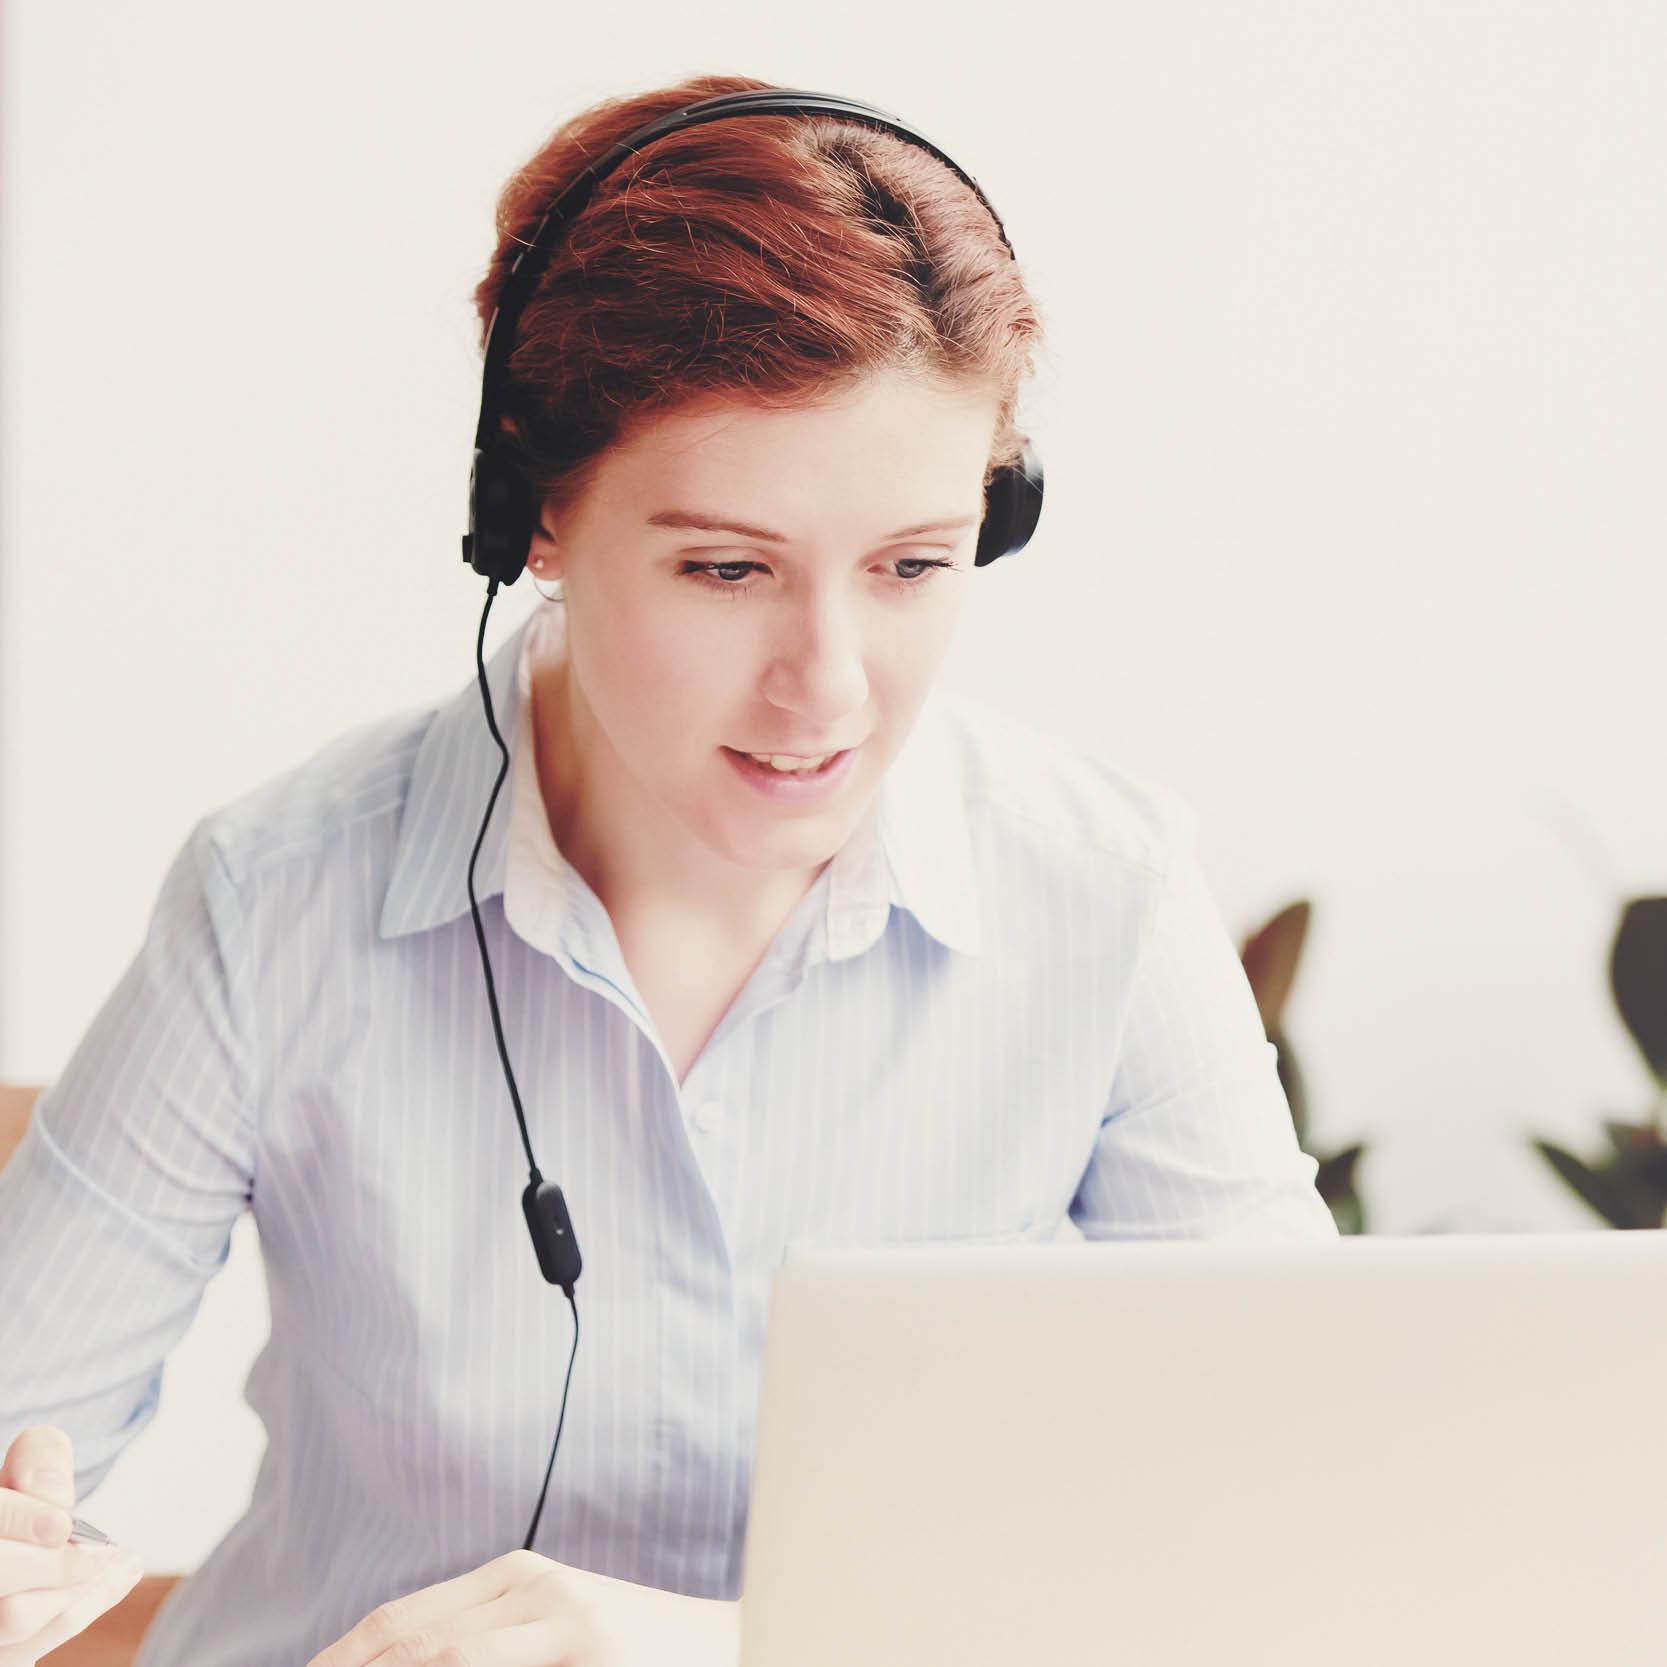 Blog Karin Terpstra: Workpace